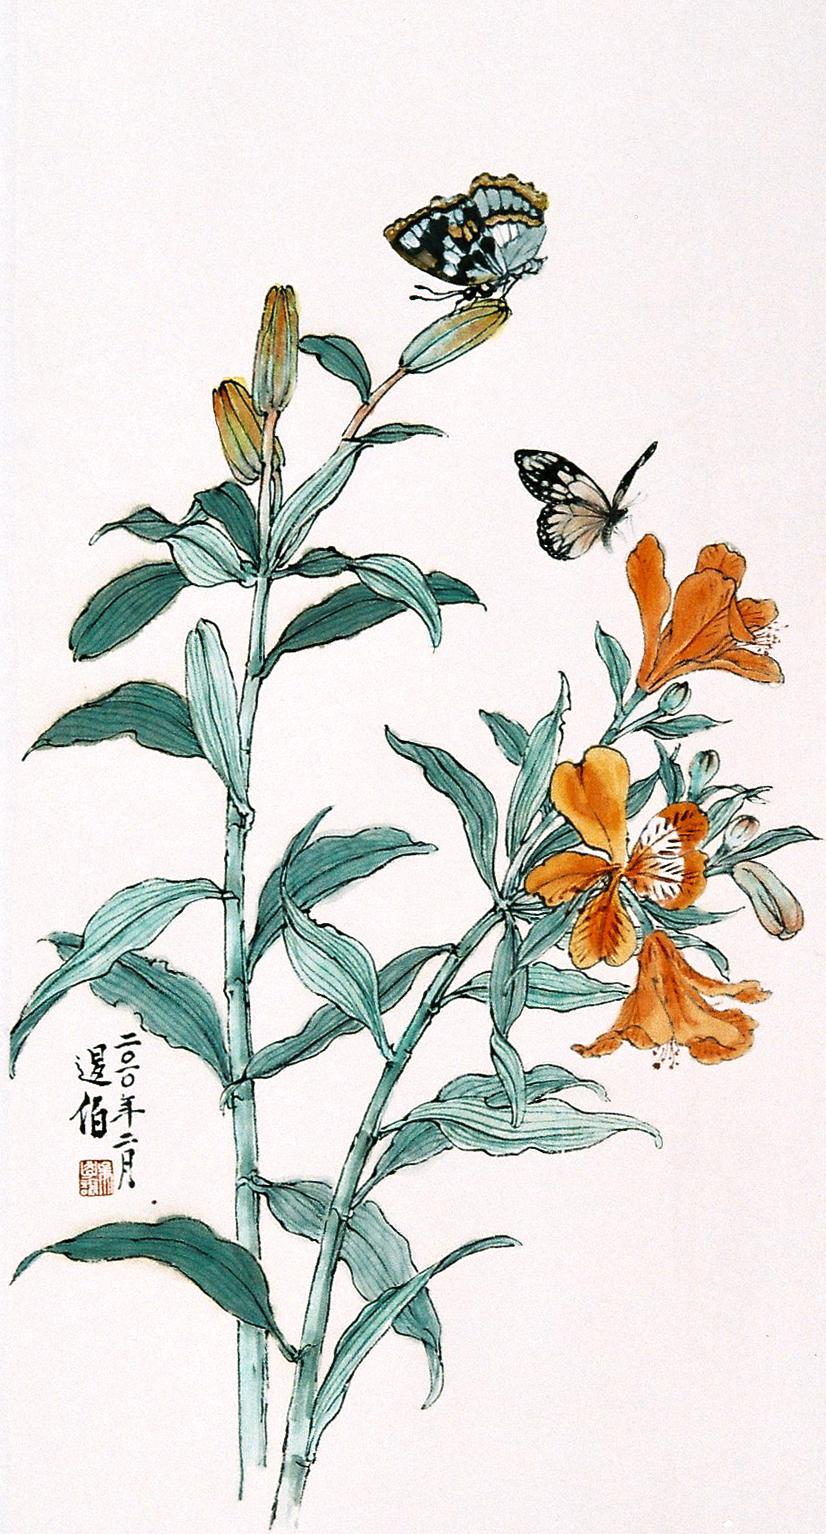 百合蝴蝶  70x35 cm  2005  墨彩紙本